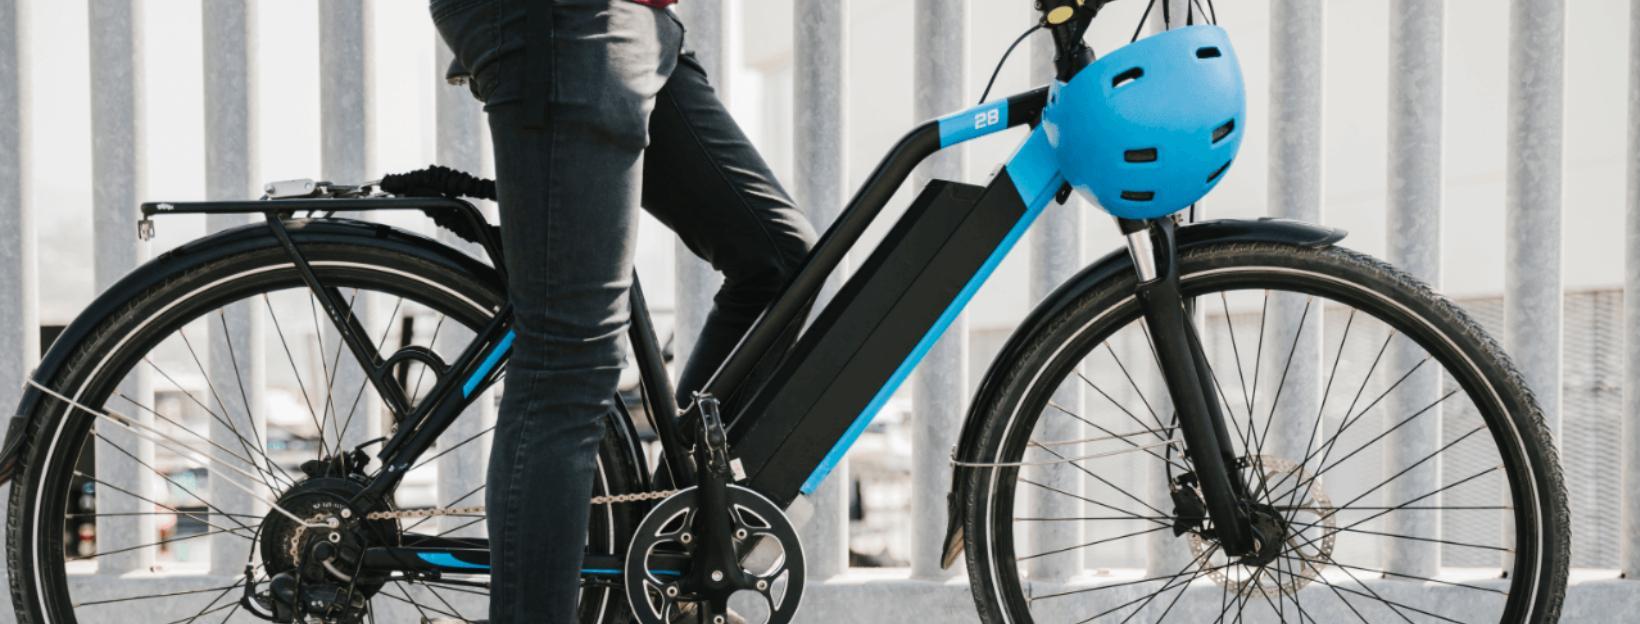 Une prime pour l'achat d'un vélo à assistance électrique ou un kit d'adaptation